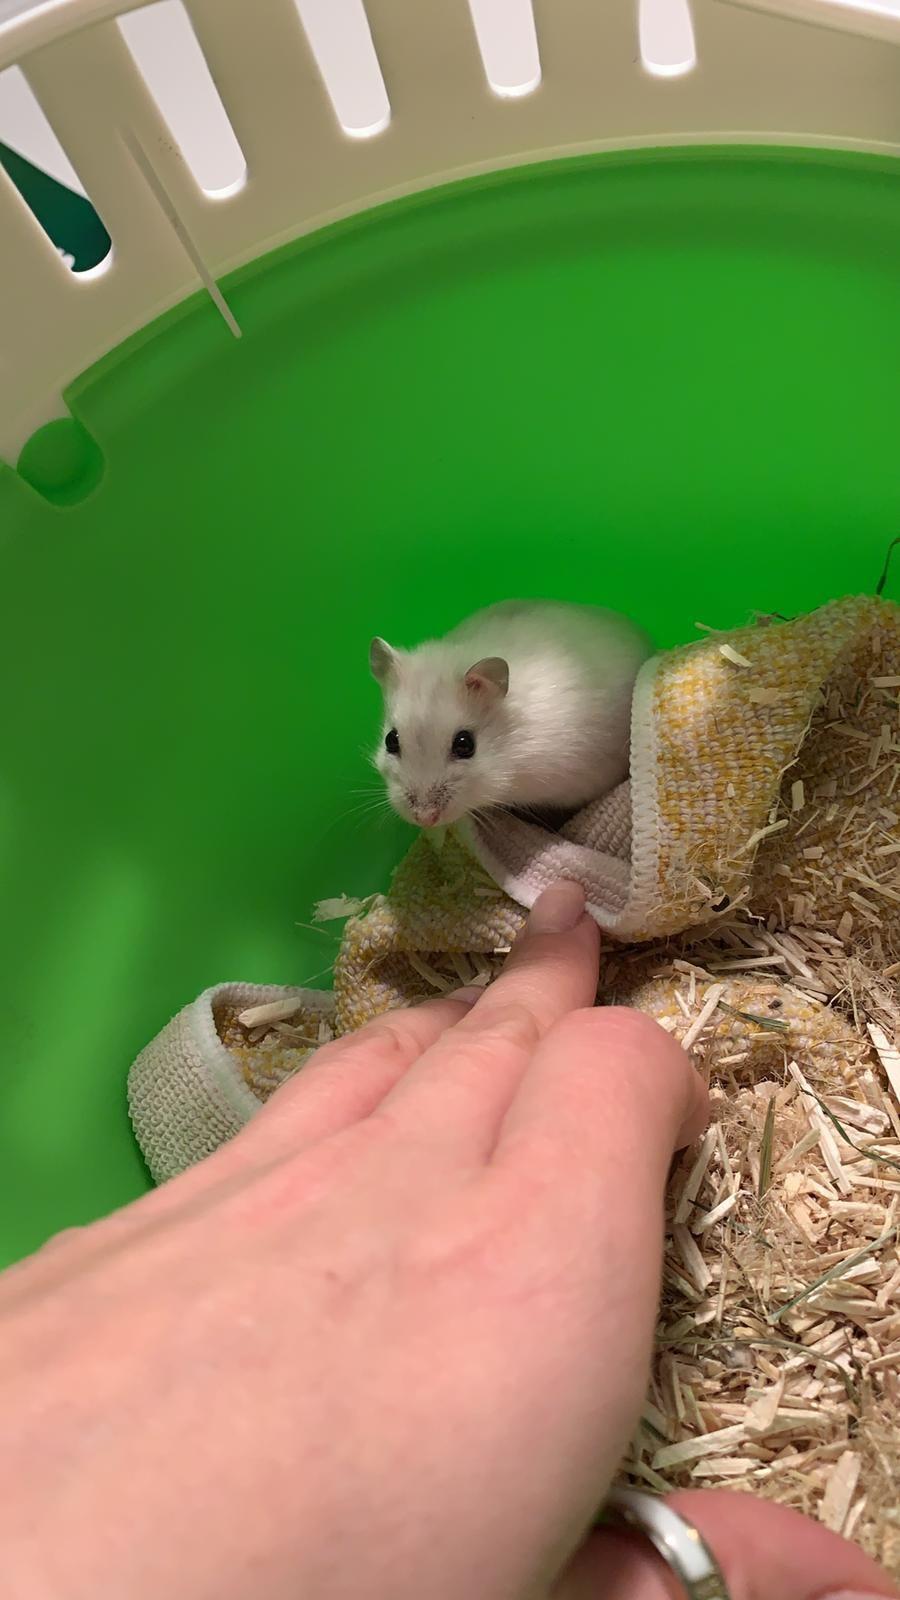 Auch süsse kleine Nager wie der Hamster erfreuen sich grosser Beliebheit